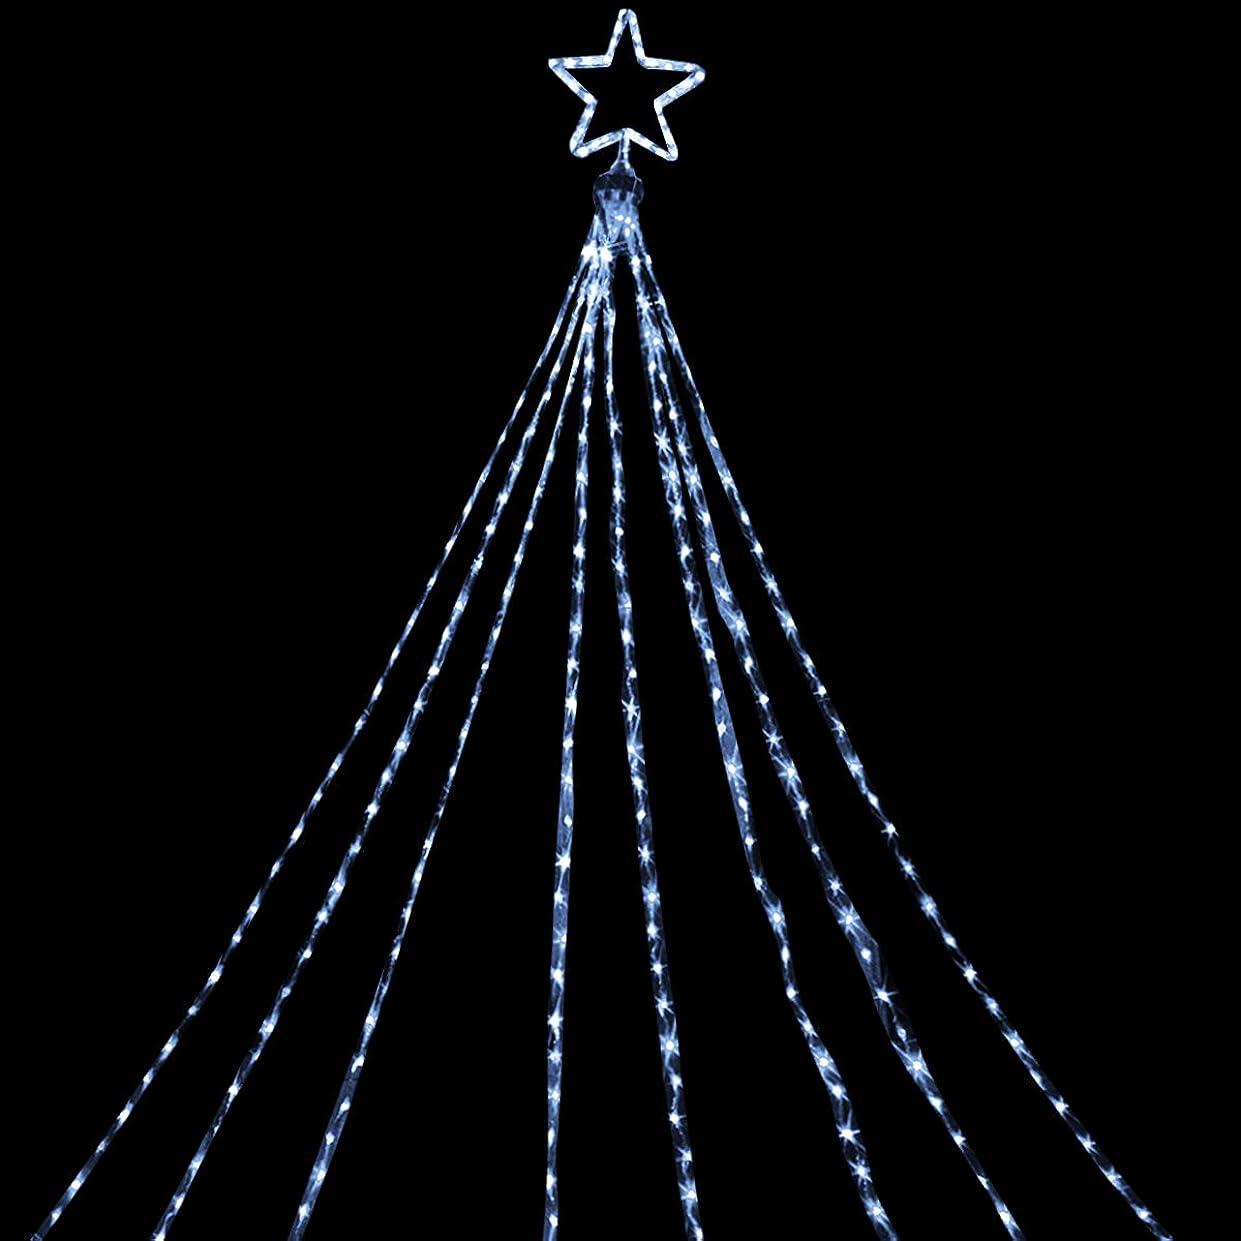 成熟したかわす地味な電光ホーム イルミネーション ドレープライト LED [ 8パターン 点灯 ] 屋外 防水 防雨 星モチーフ付き クリスマスツリー ハロウィン DIY 8m×8本 (ホワイト)